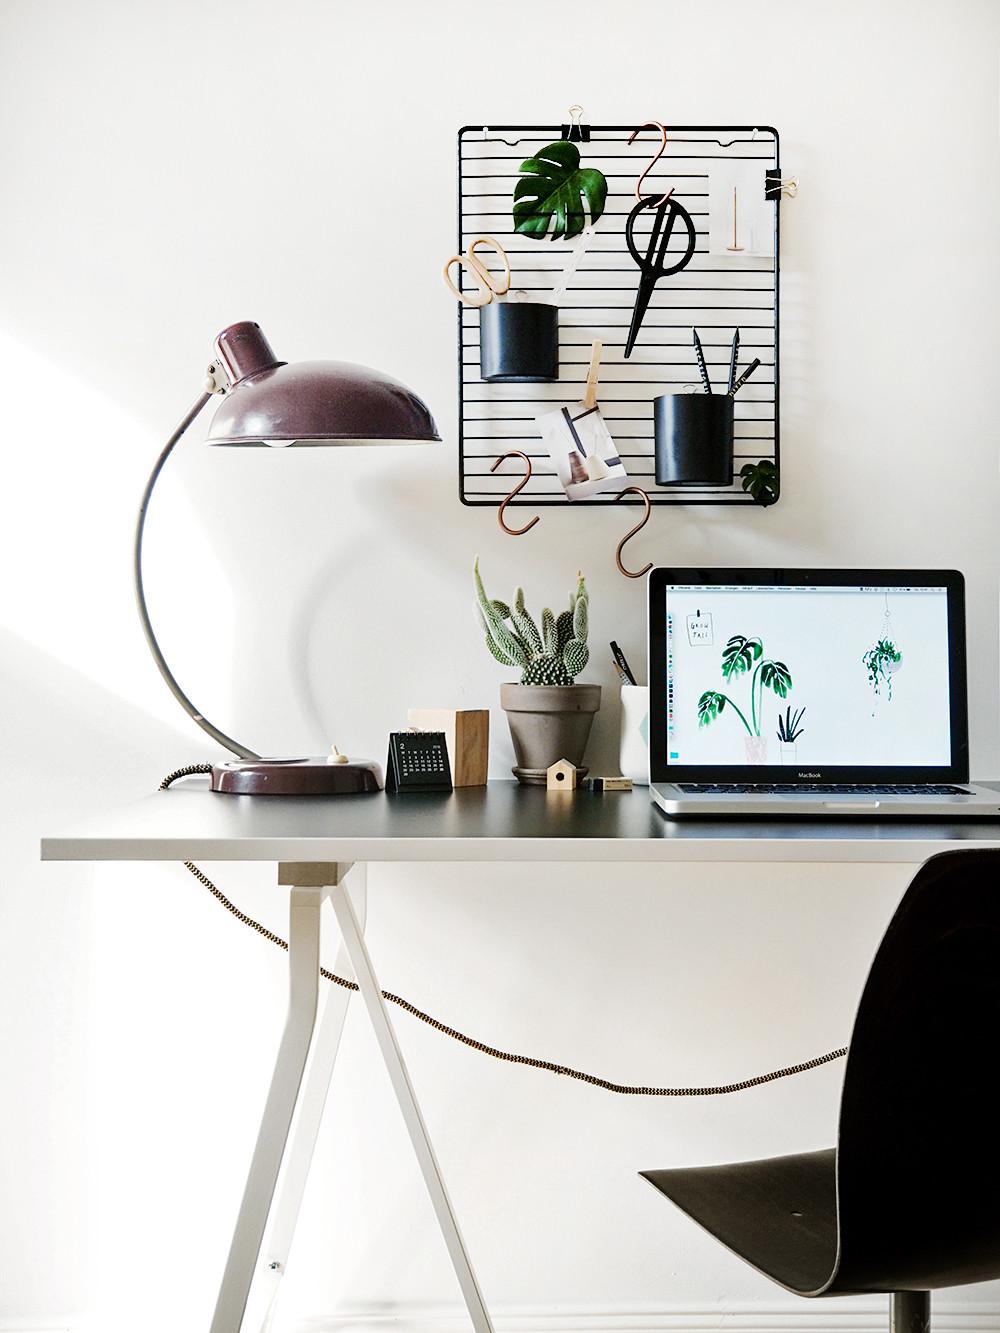 Schreibtisch Diy  So einfach so gut – moderner DIY Schreibtisch Organizer